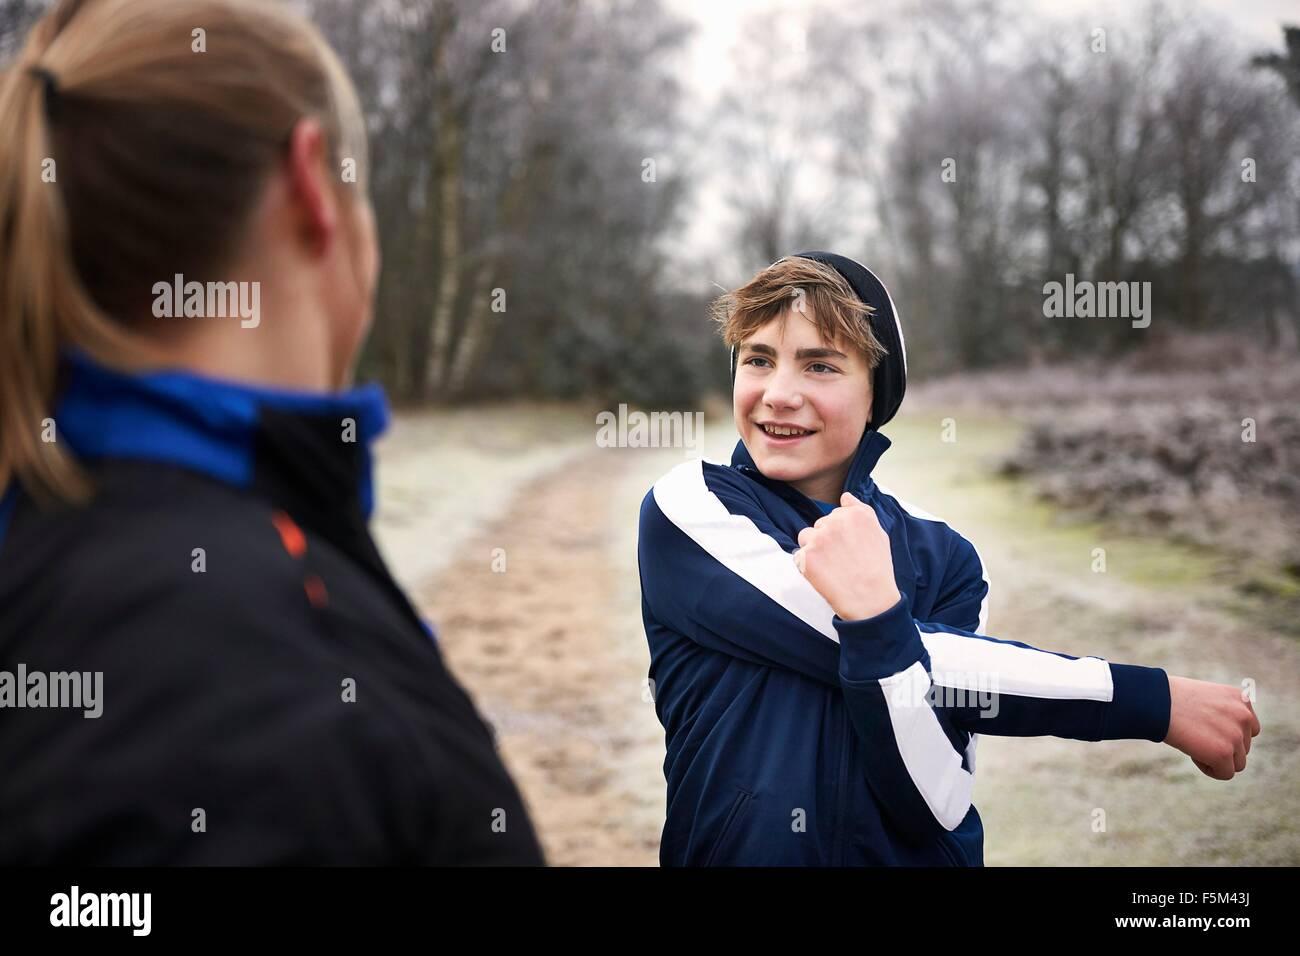 Adolescente estirando el brazo, mirando a la madre sonriendo Imagen De Stock